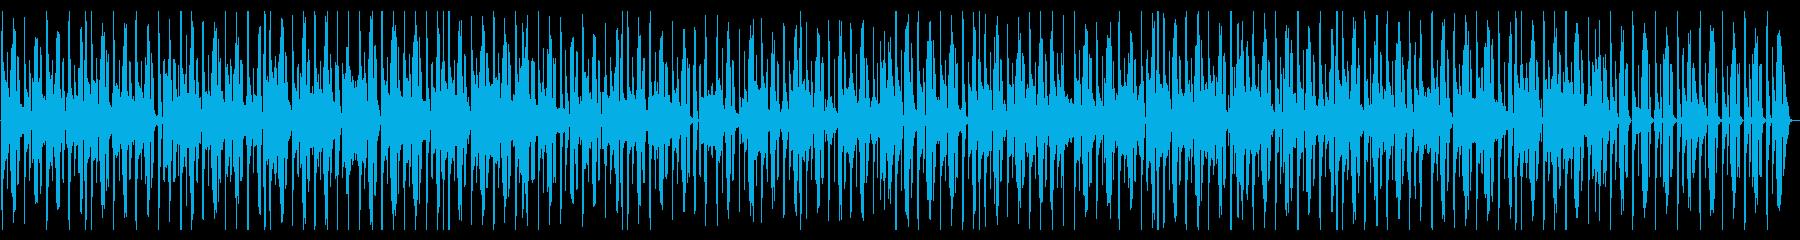 アーバンなジャジーヒップホップの再生済みの波形